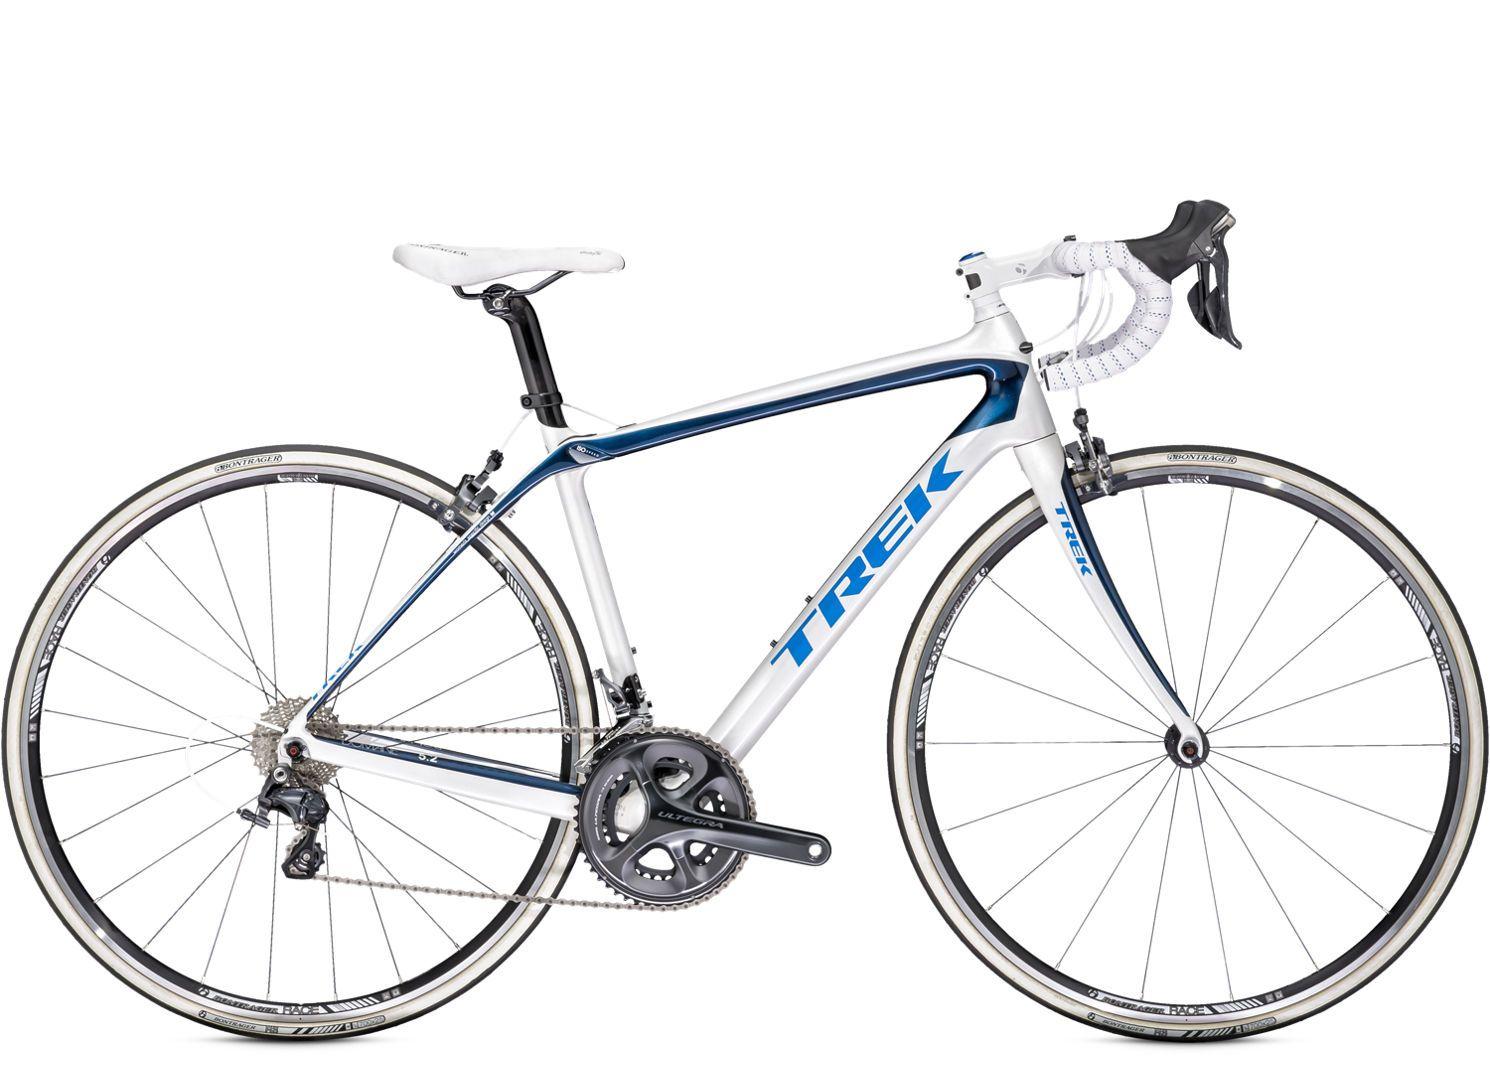 Domane 5 2 Wsd Trek Bicycle Trek Bicycle Trek Bikes Racing Bikes